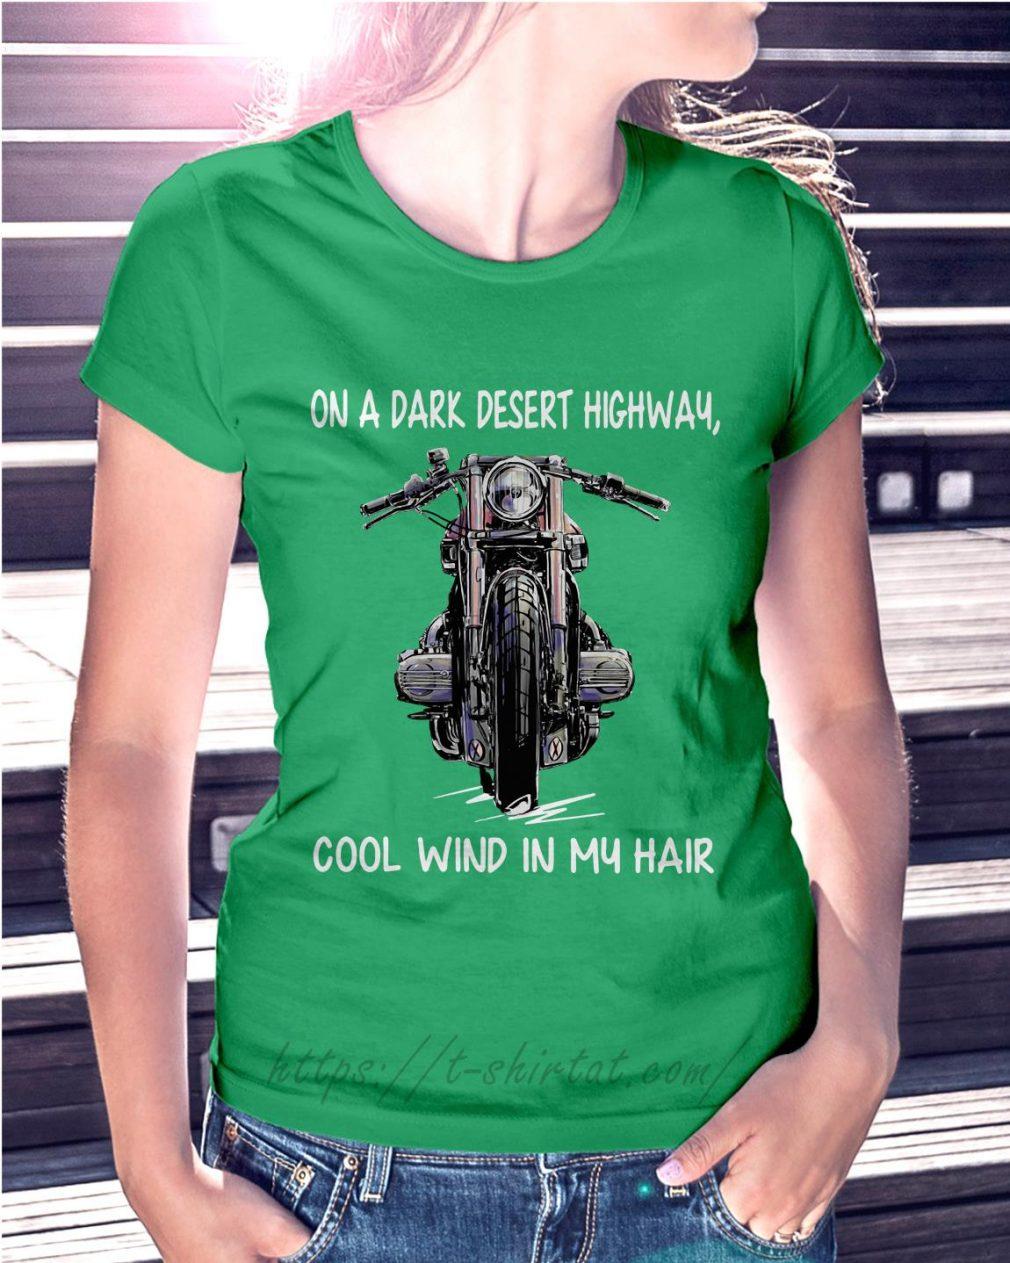 Motorcycle bike on a dark desert highway cool wind in my hair Ladies Tee green